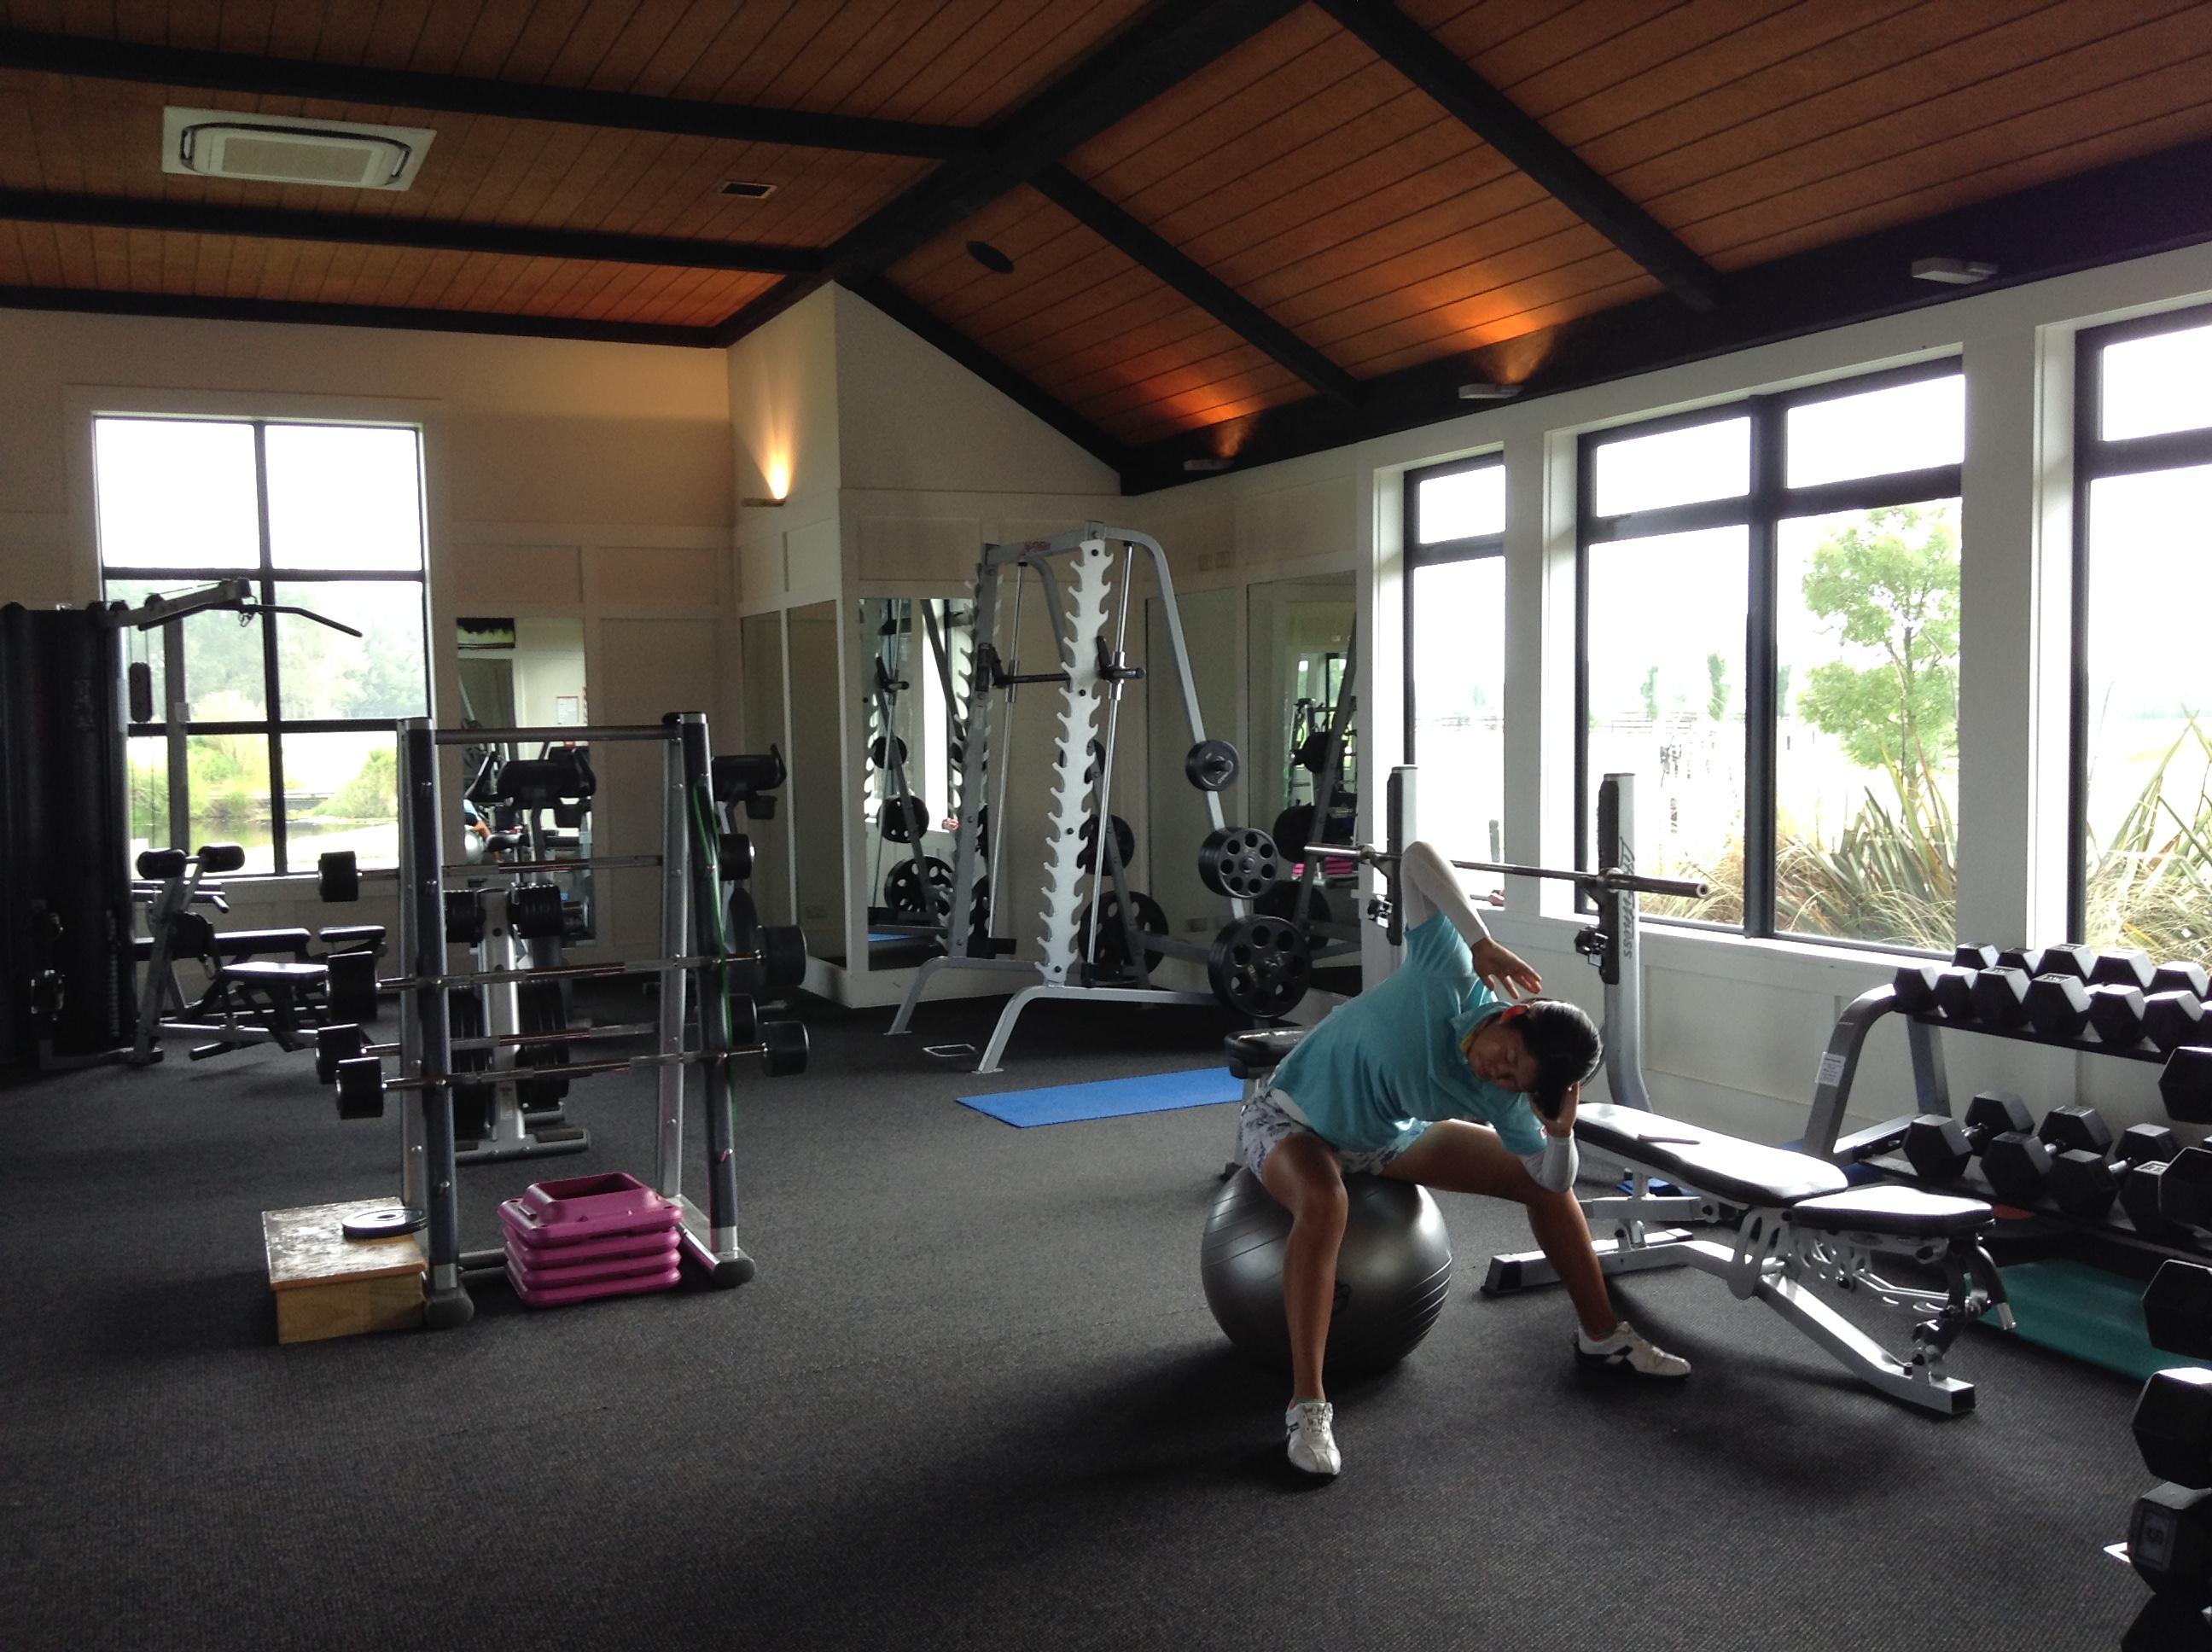 ペガサスのジムでトレーニング中。ふうかさんは3月に高校を卒業、これからはプロを目指してゴルフとトレーニングに専念とのこと。